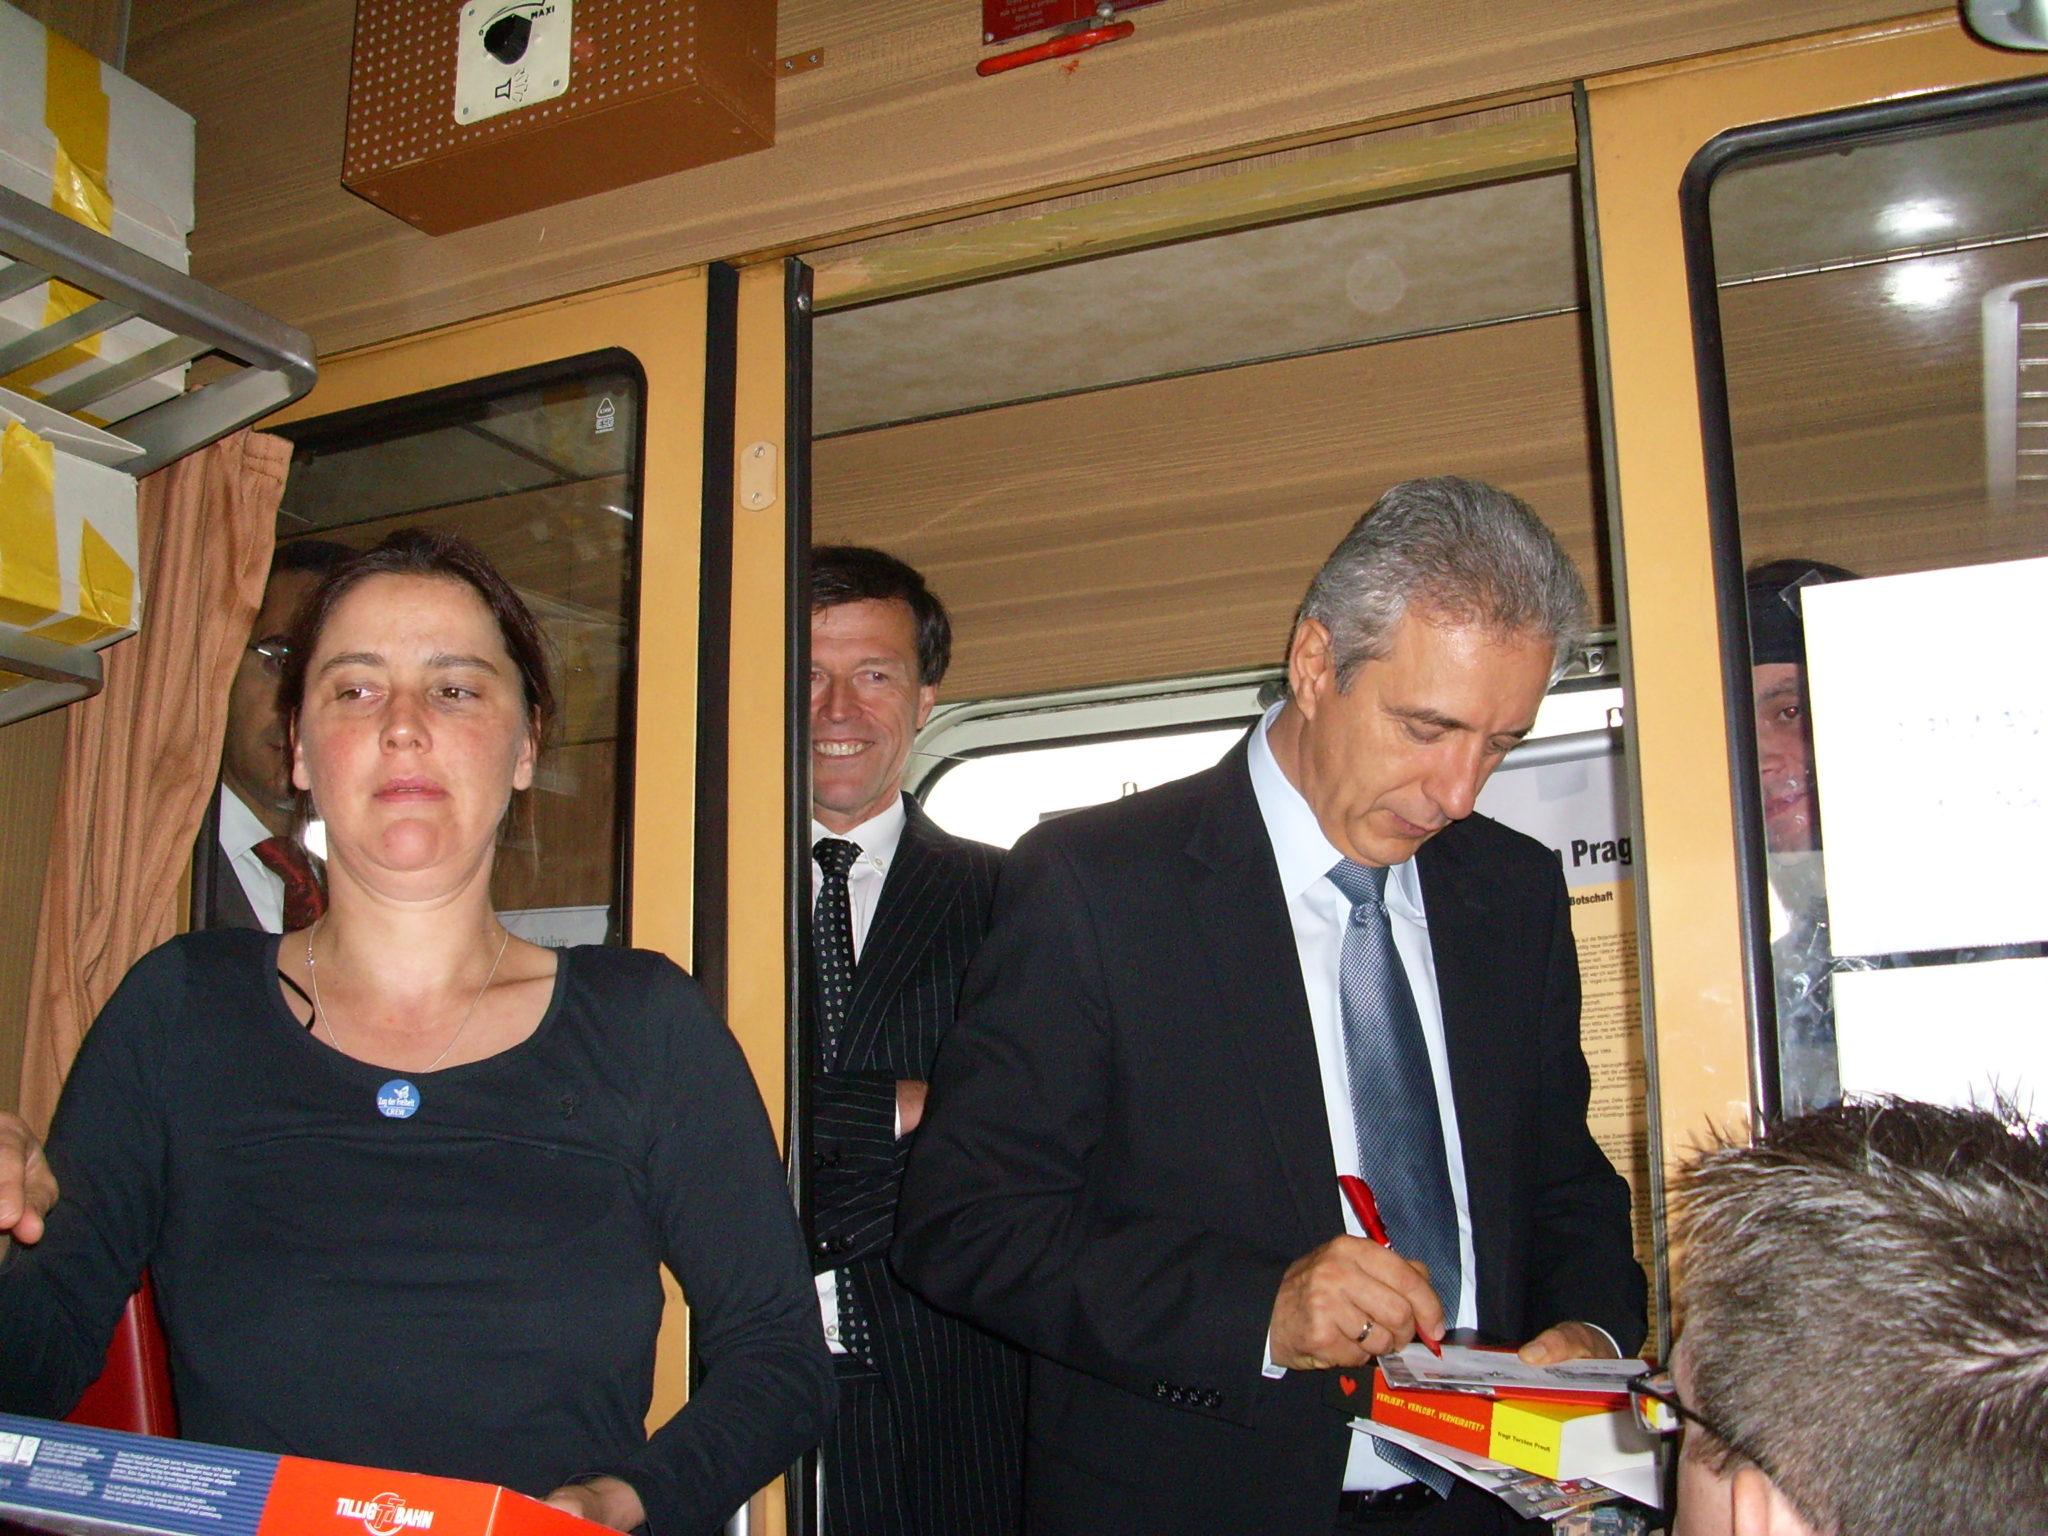 Zug der Freiheit Tillich im Zug